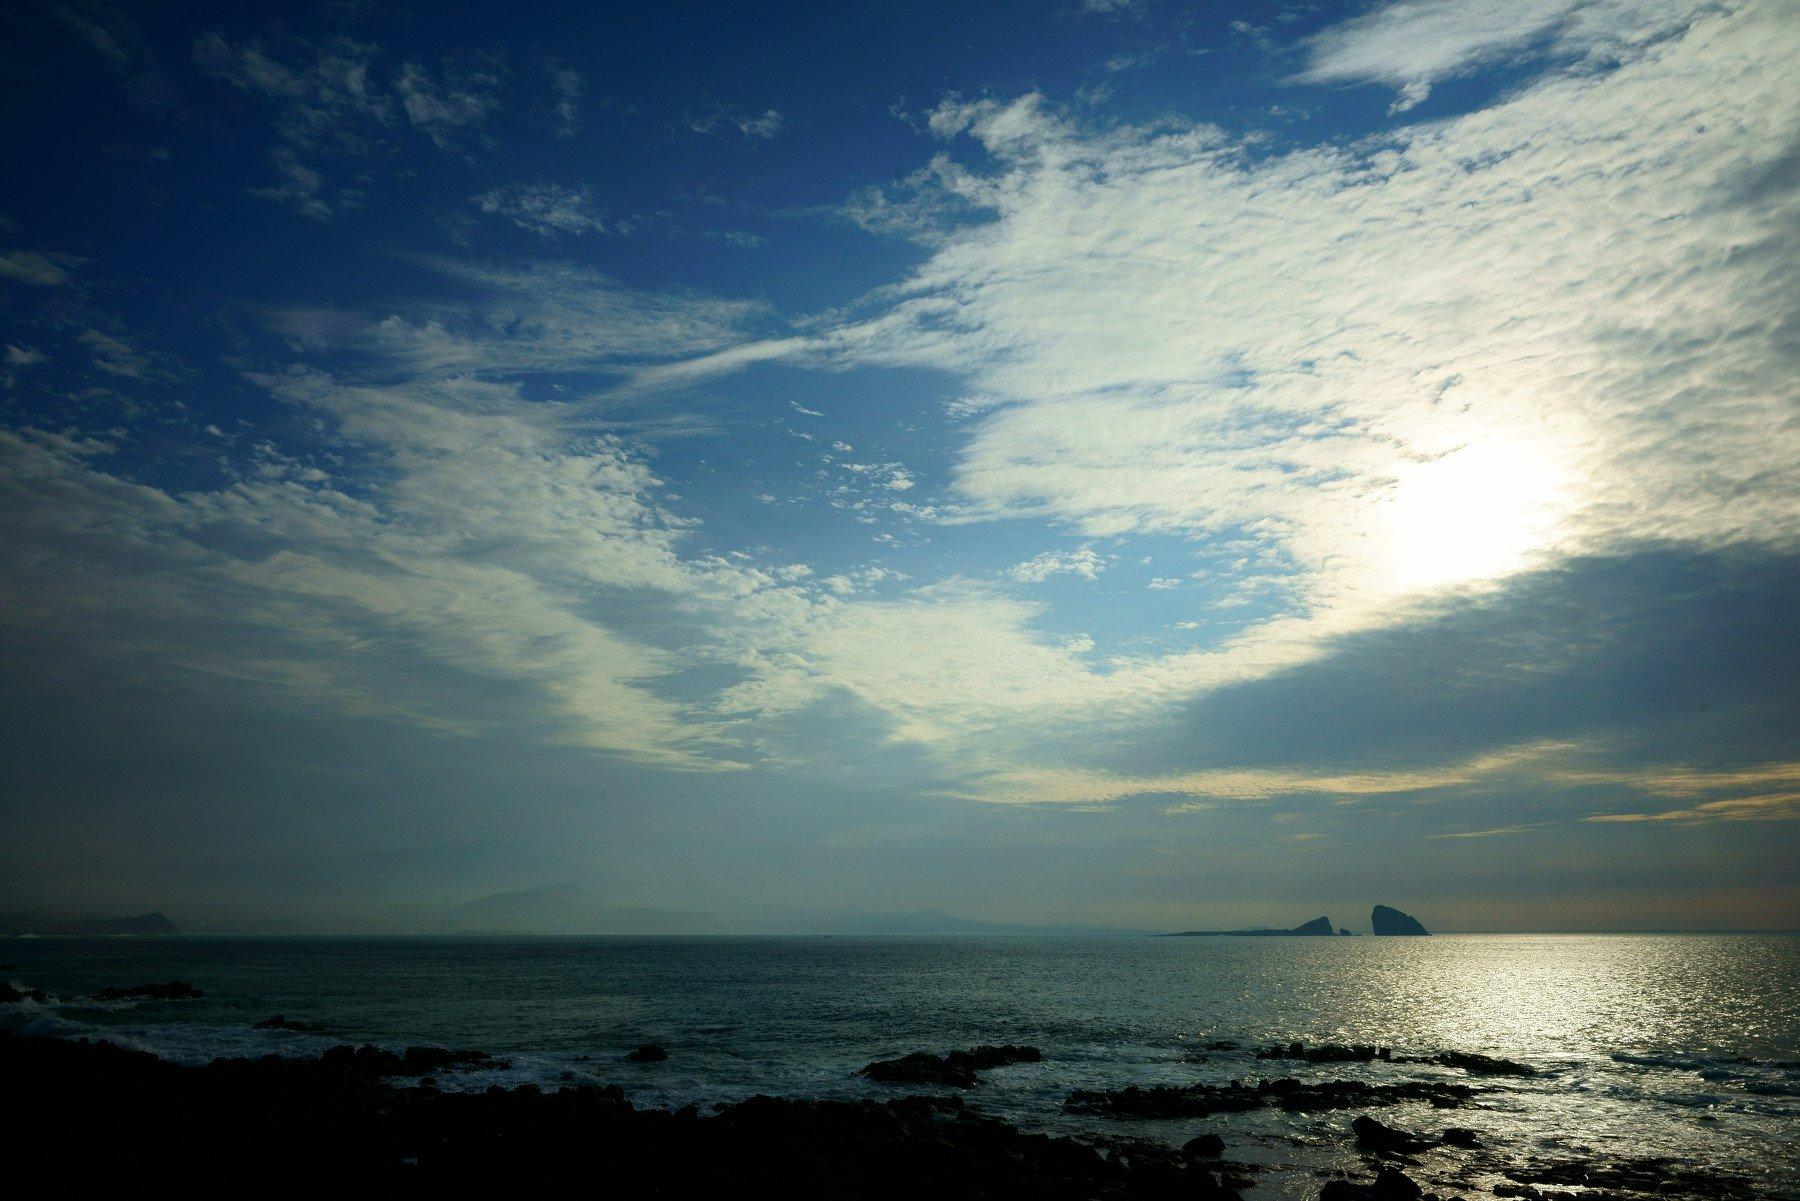 asia,korea,south korea,sea,island,seashore,horizontal,sky,cloud,light,reflection,rocks,, Shin